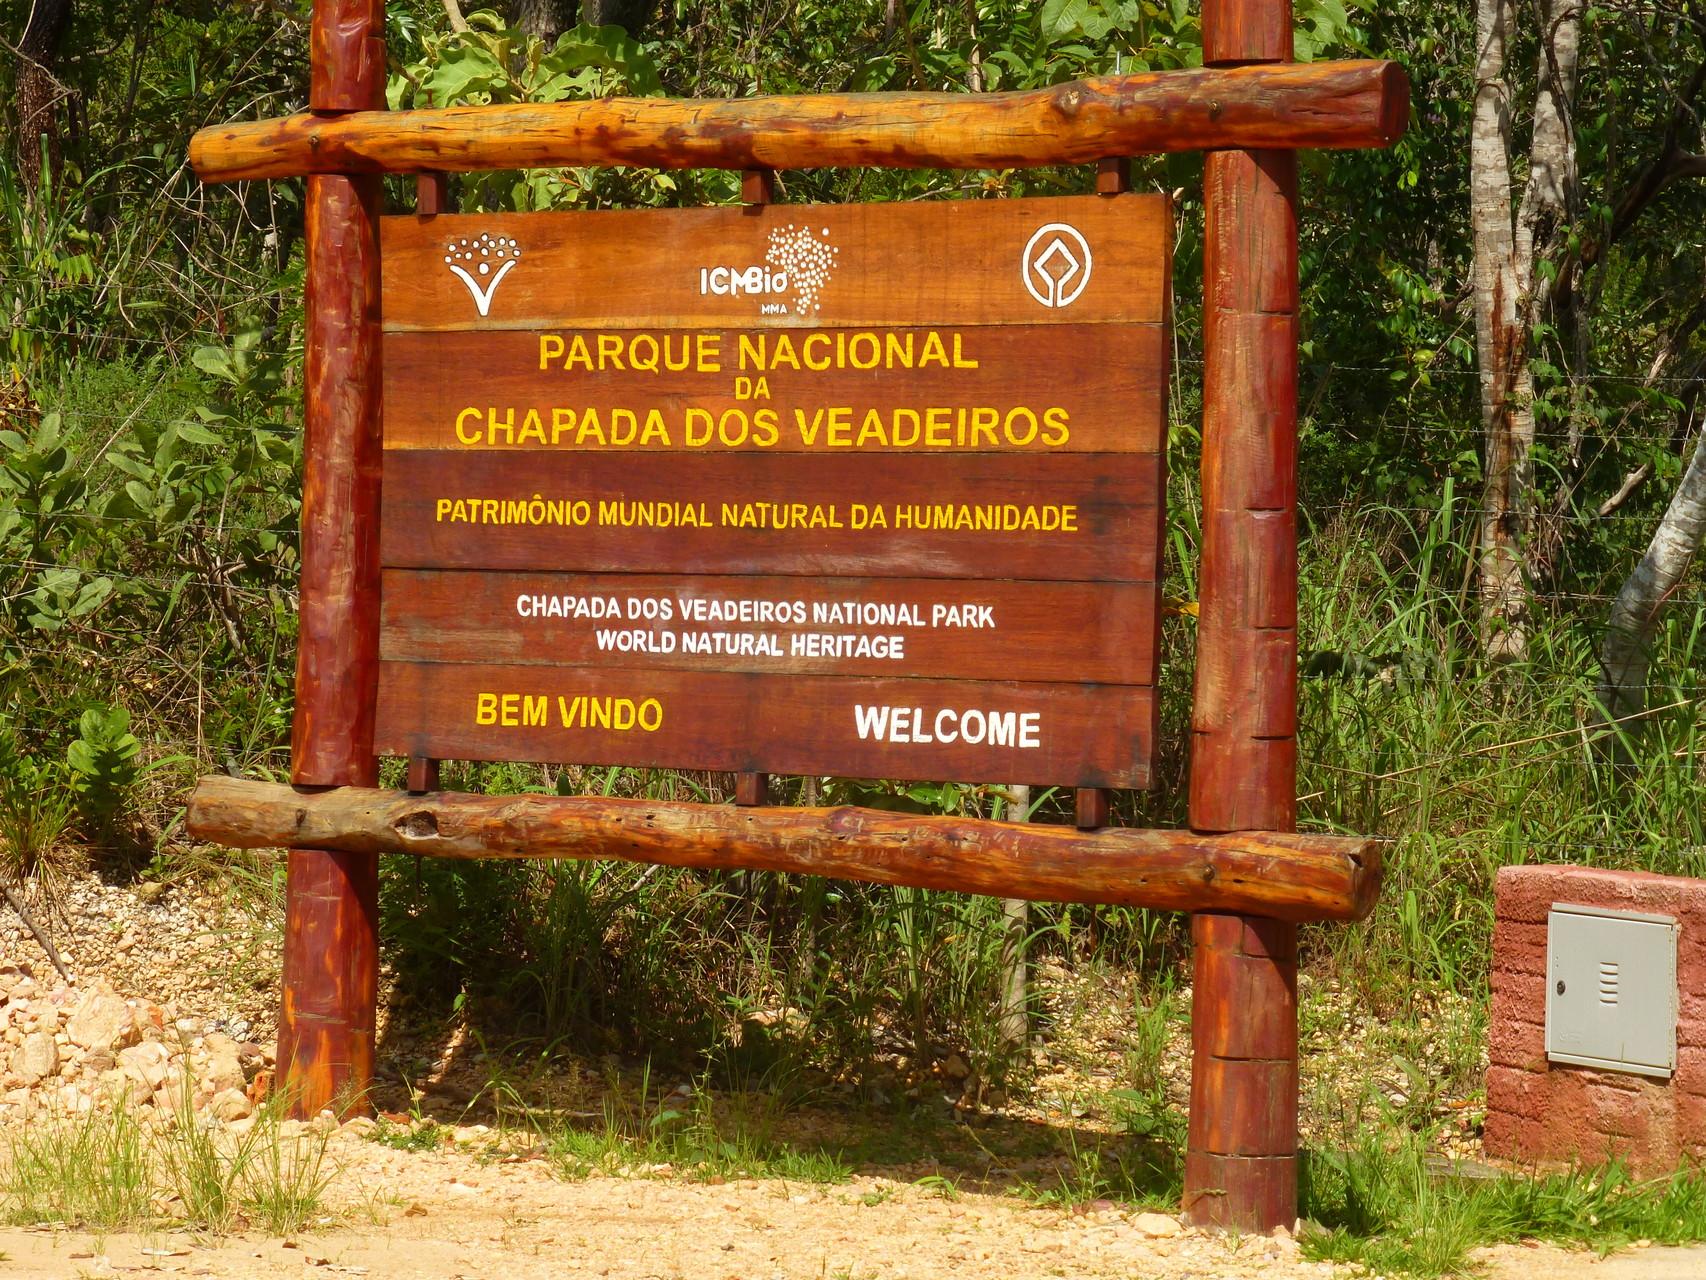 Naturschutzpark - Chapada dos Veadeiros